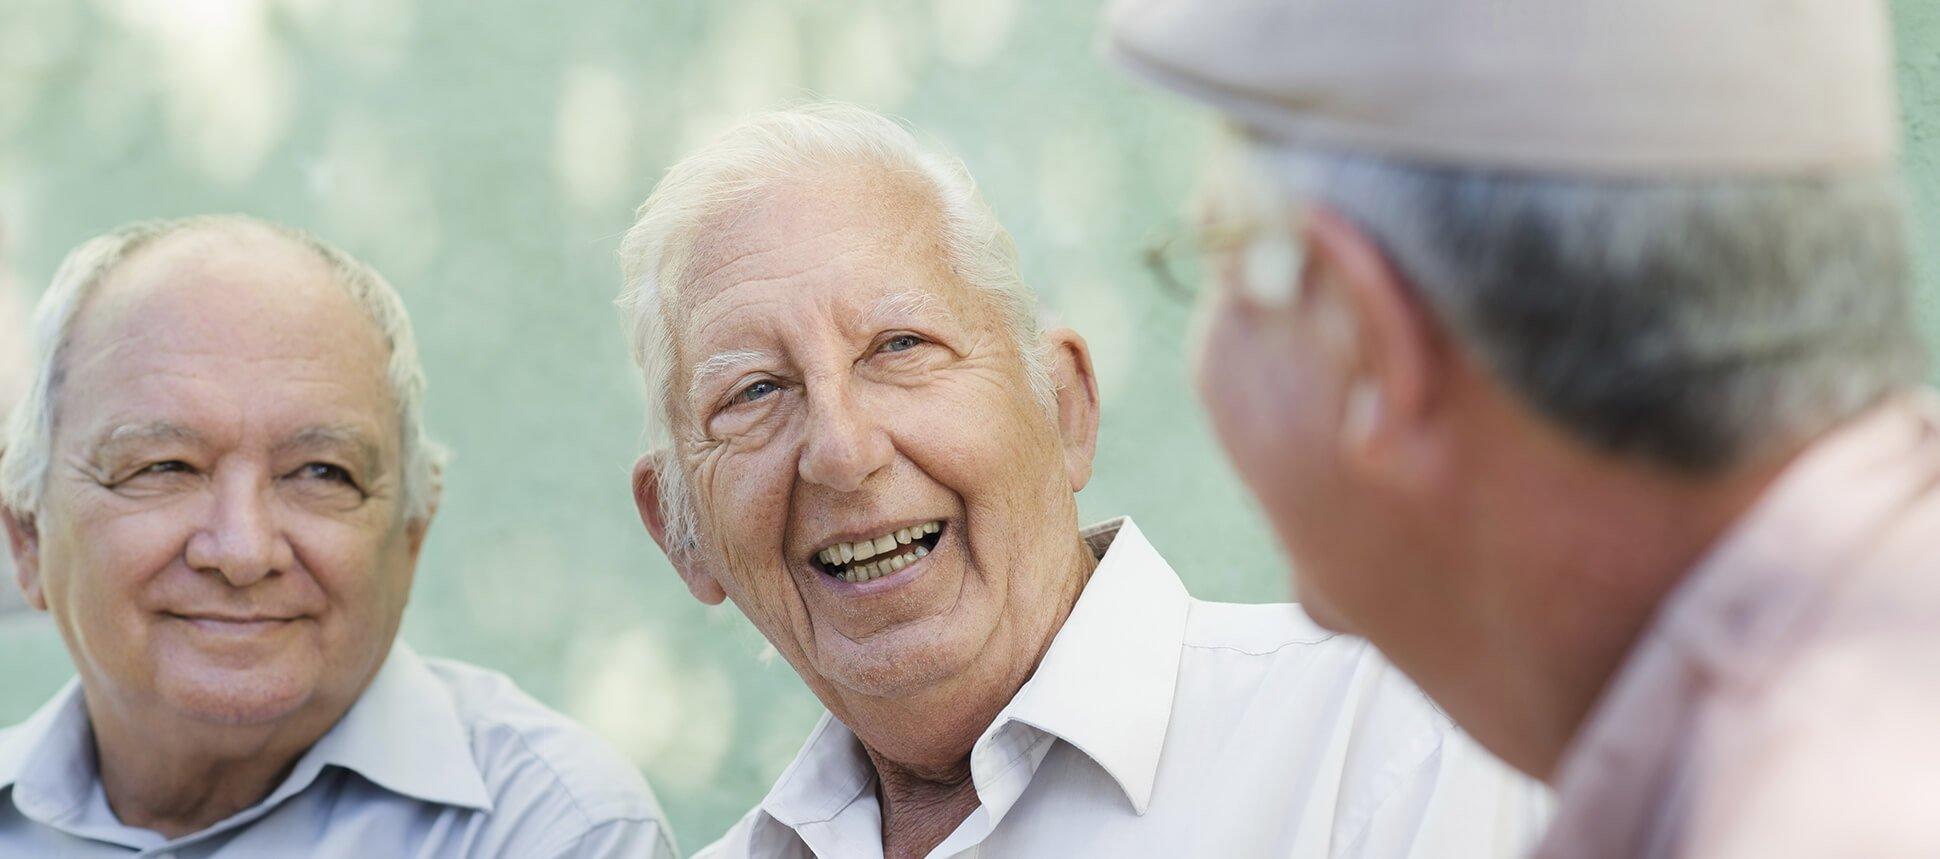 tre uomini anziani mentre parlano